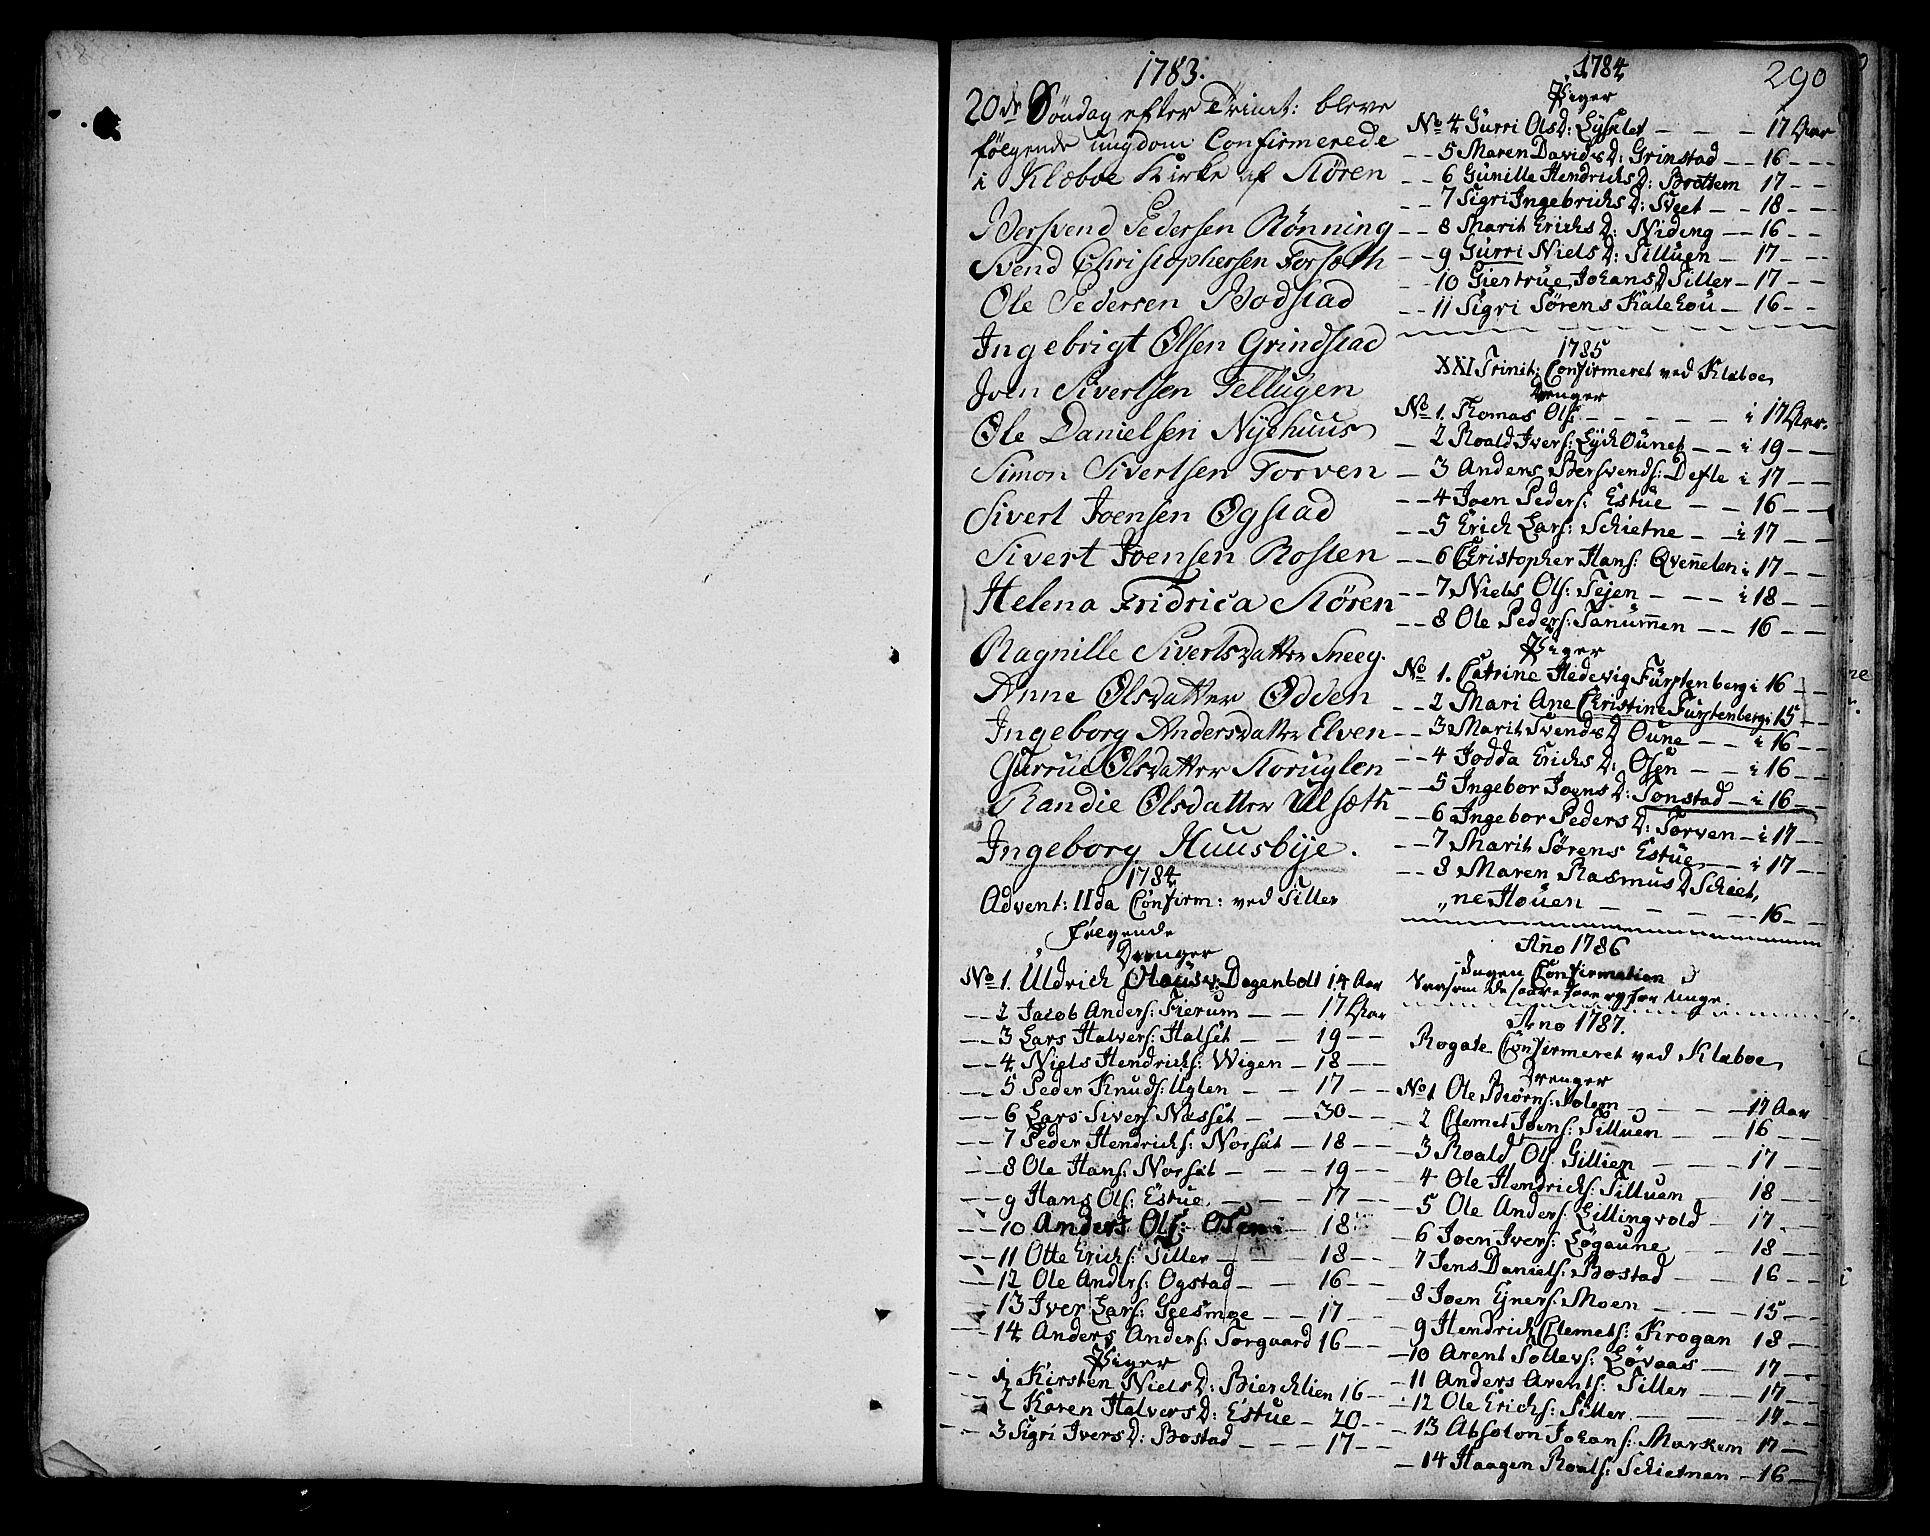 SAT, Ministerialprotokoller, klokkerbøker og fødselsregistre - Sør-Trøndelag, 618/L0438: Ministerialbok nr. 618A03, 1783-1815, s. 290